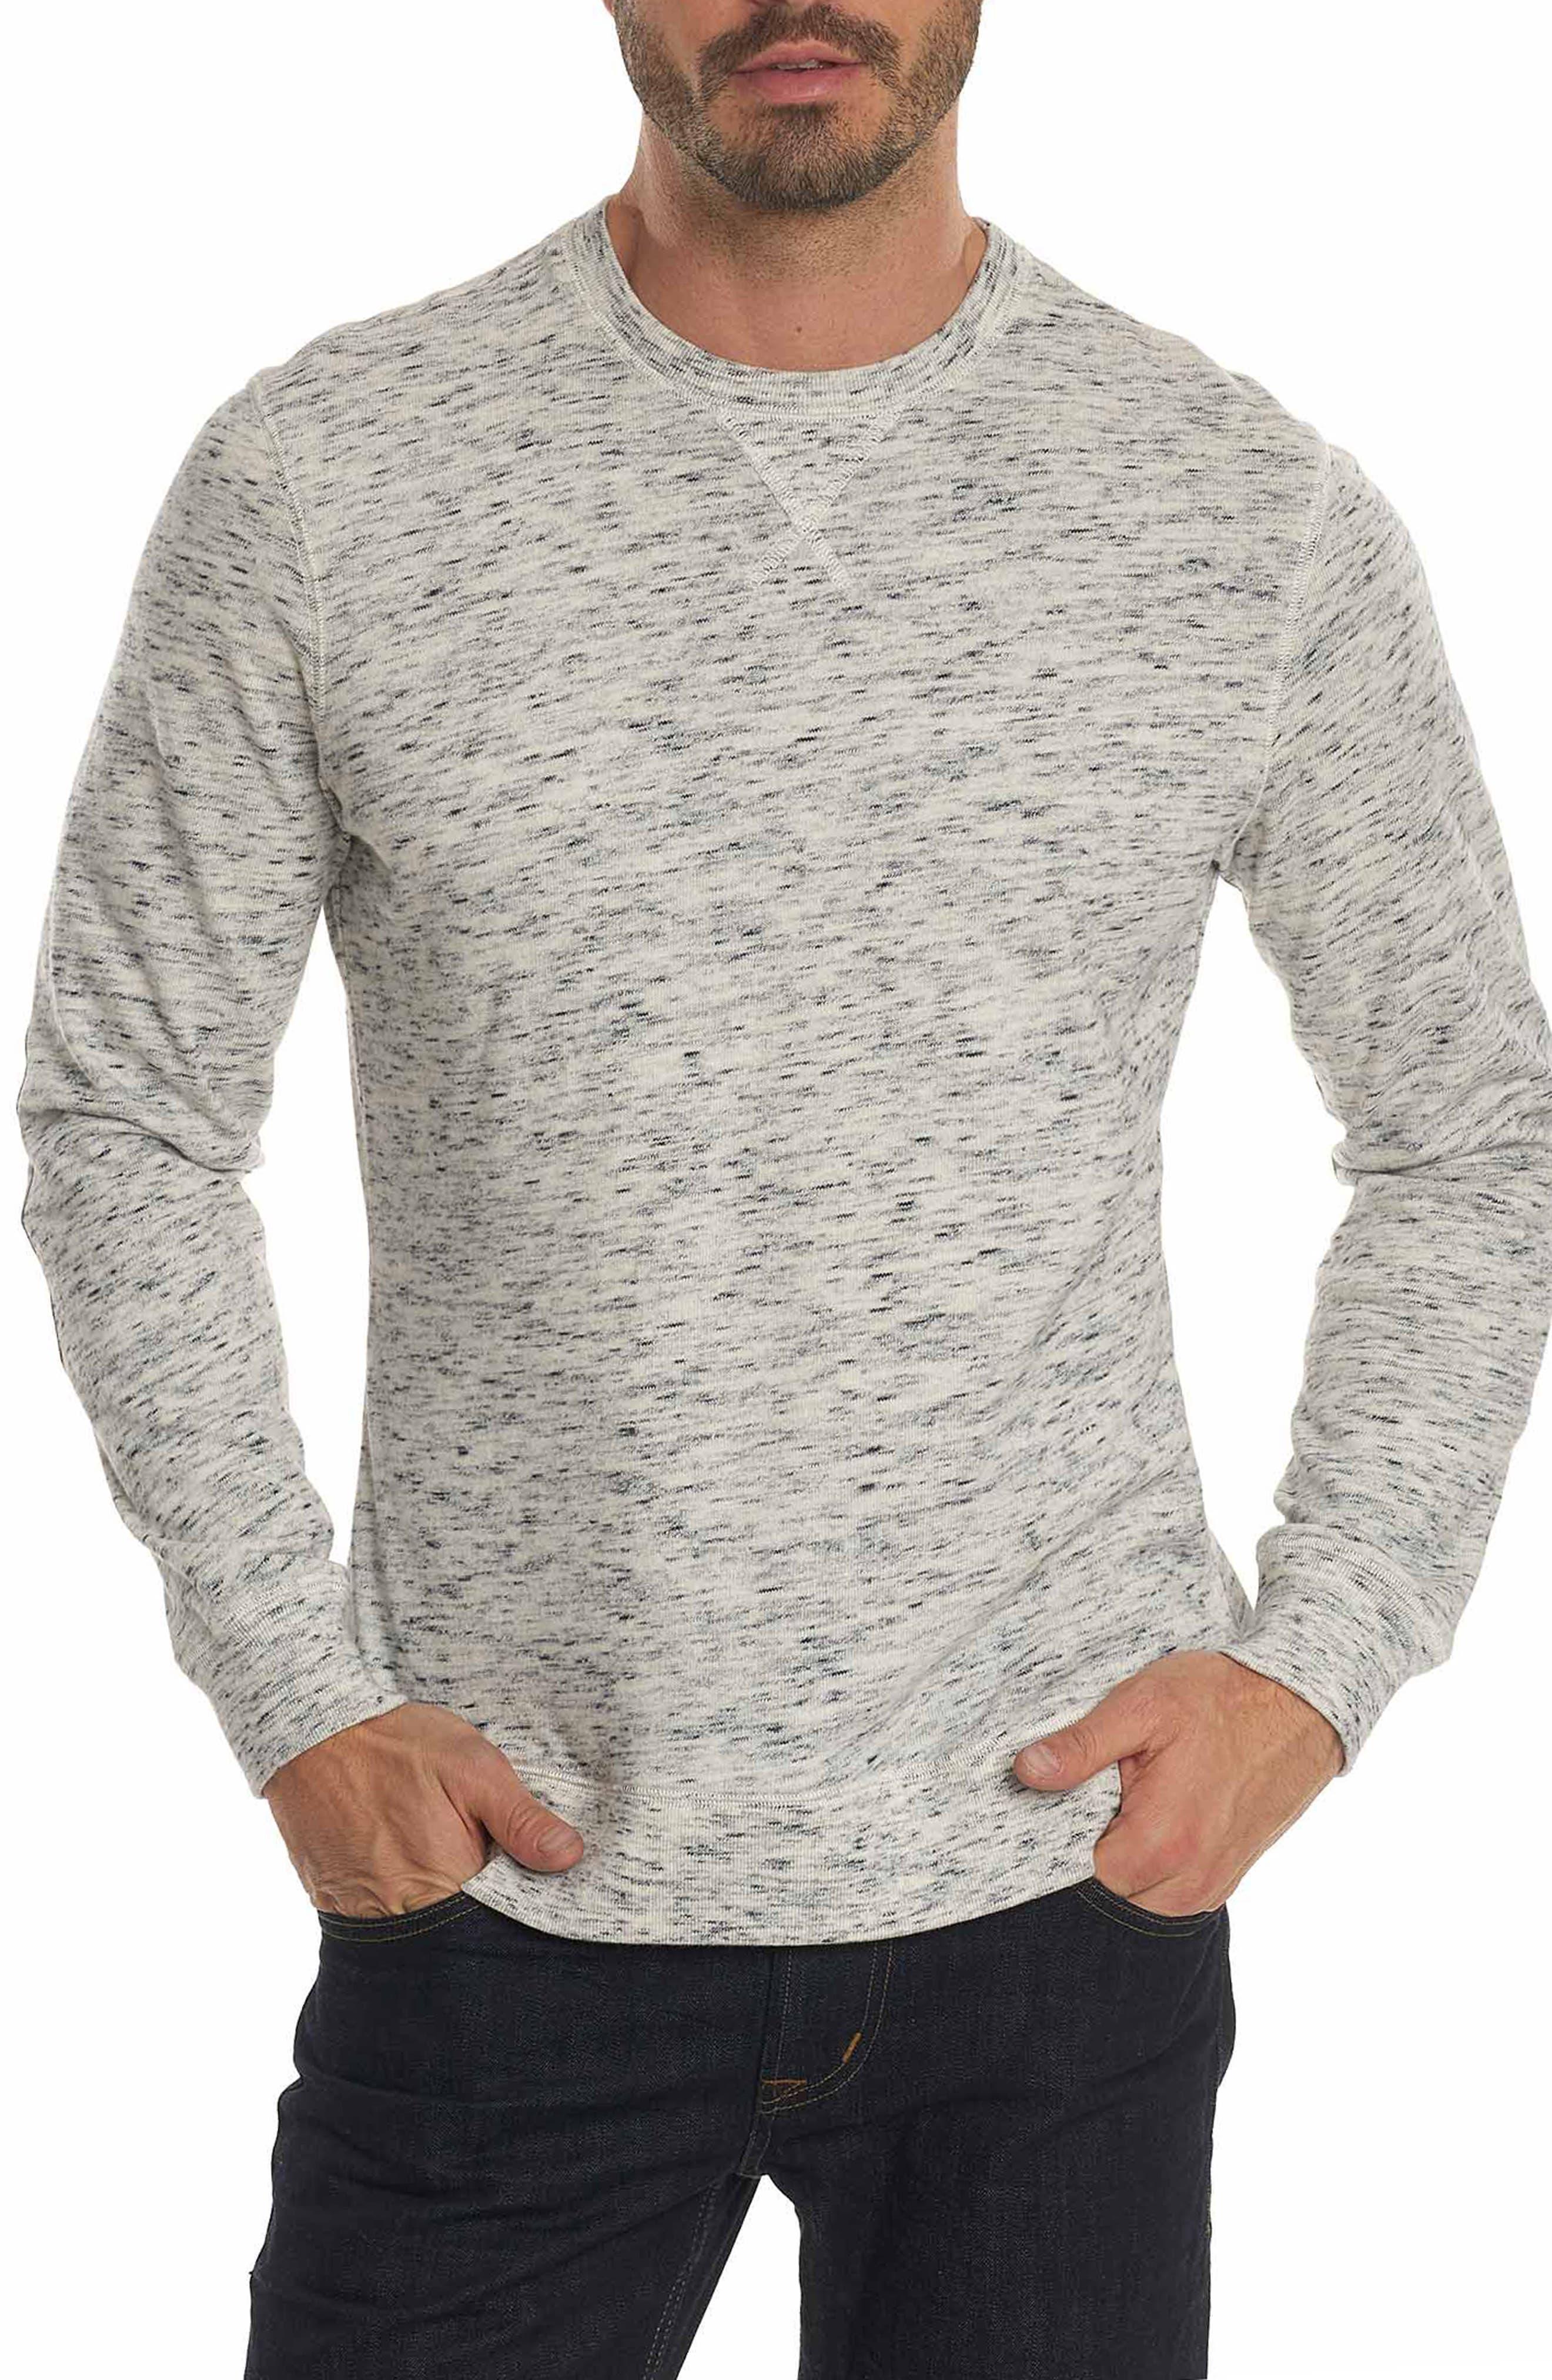 Endurance Elbow Patch Sweatshirt,                         Main,                         color,